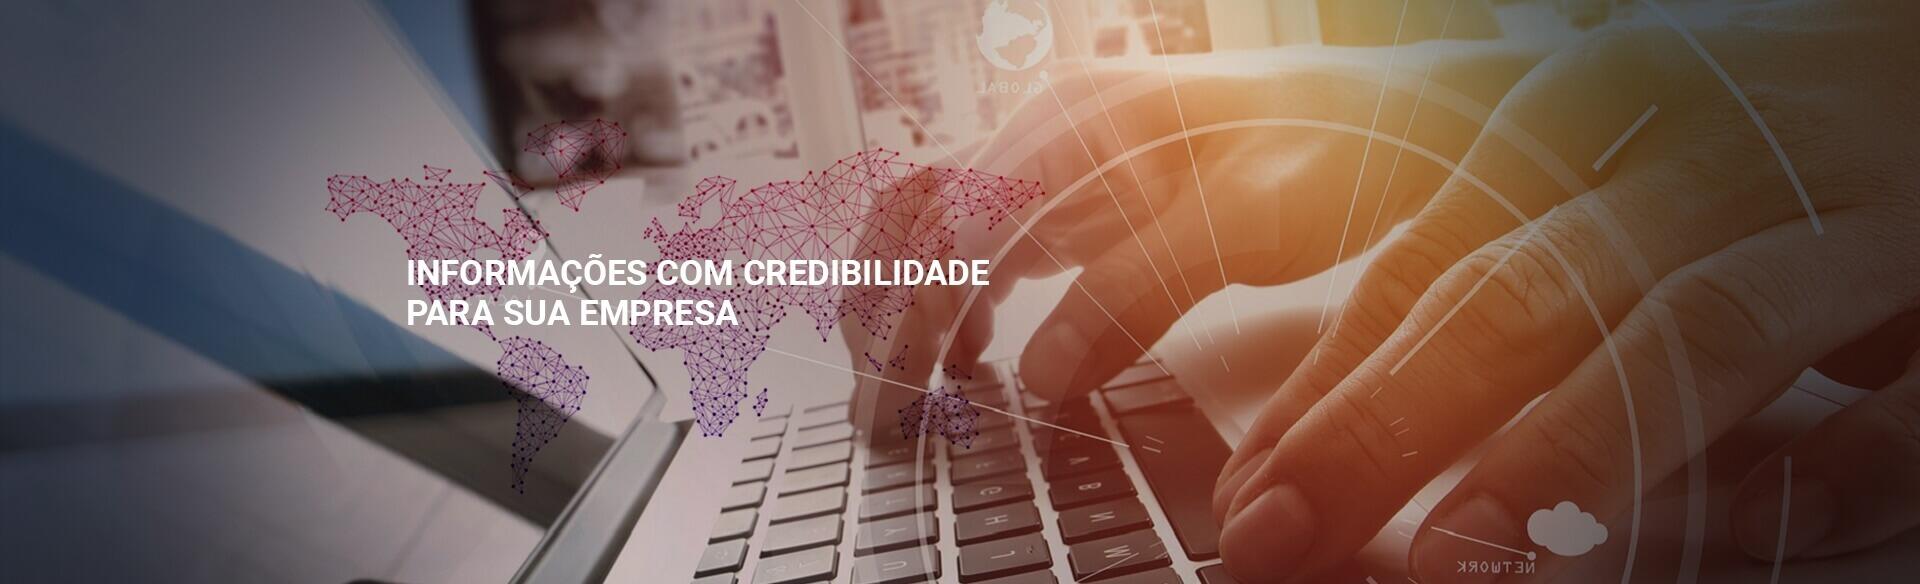 INFORMAÇÃO COM CREDIBILIDADE PARA SUA EMPRESA  - Global Assessoria